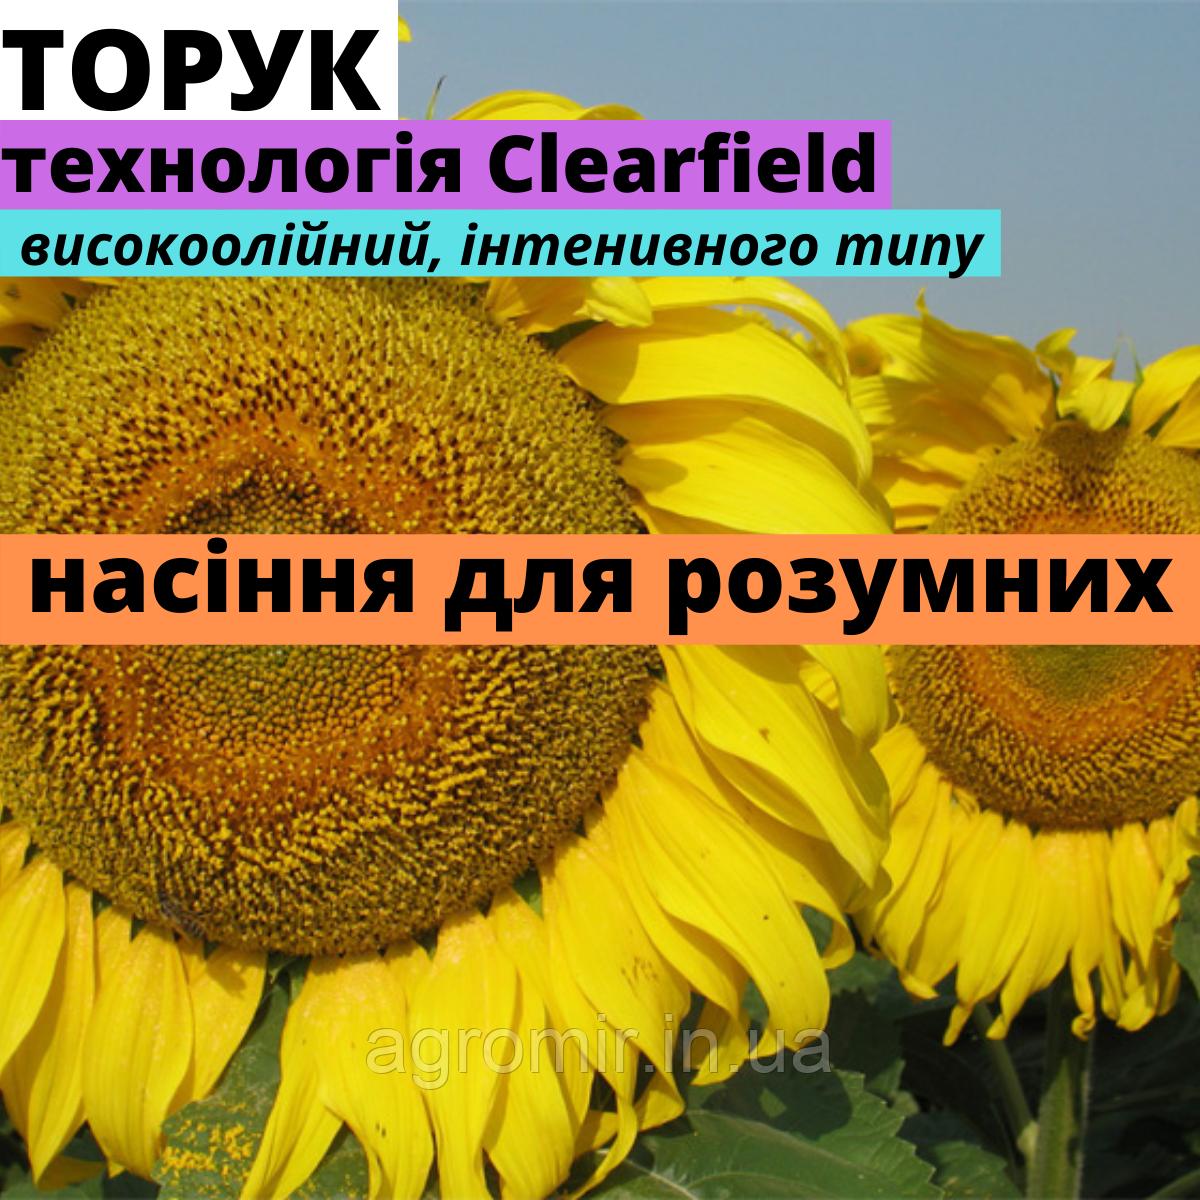 Семена подсолнечника Торук F1 в Україне от ООО АФ НПП АГРОМИР